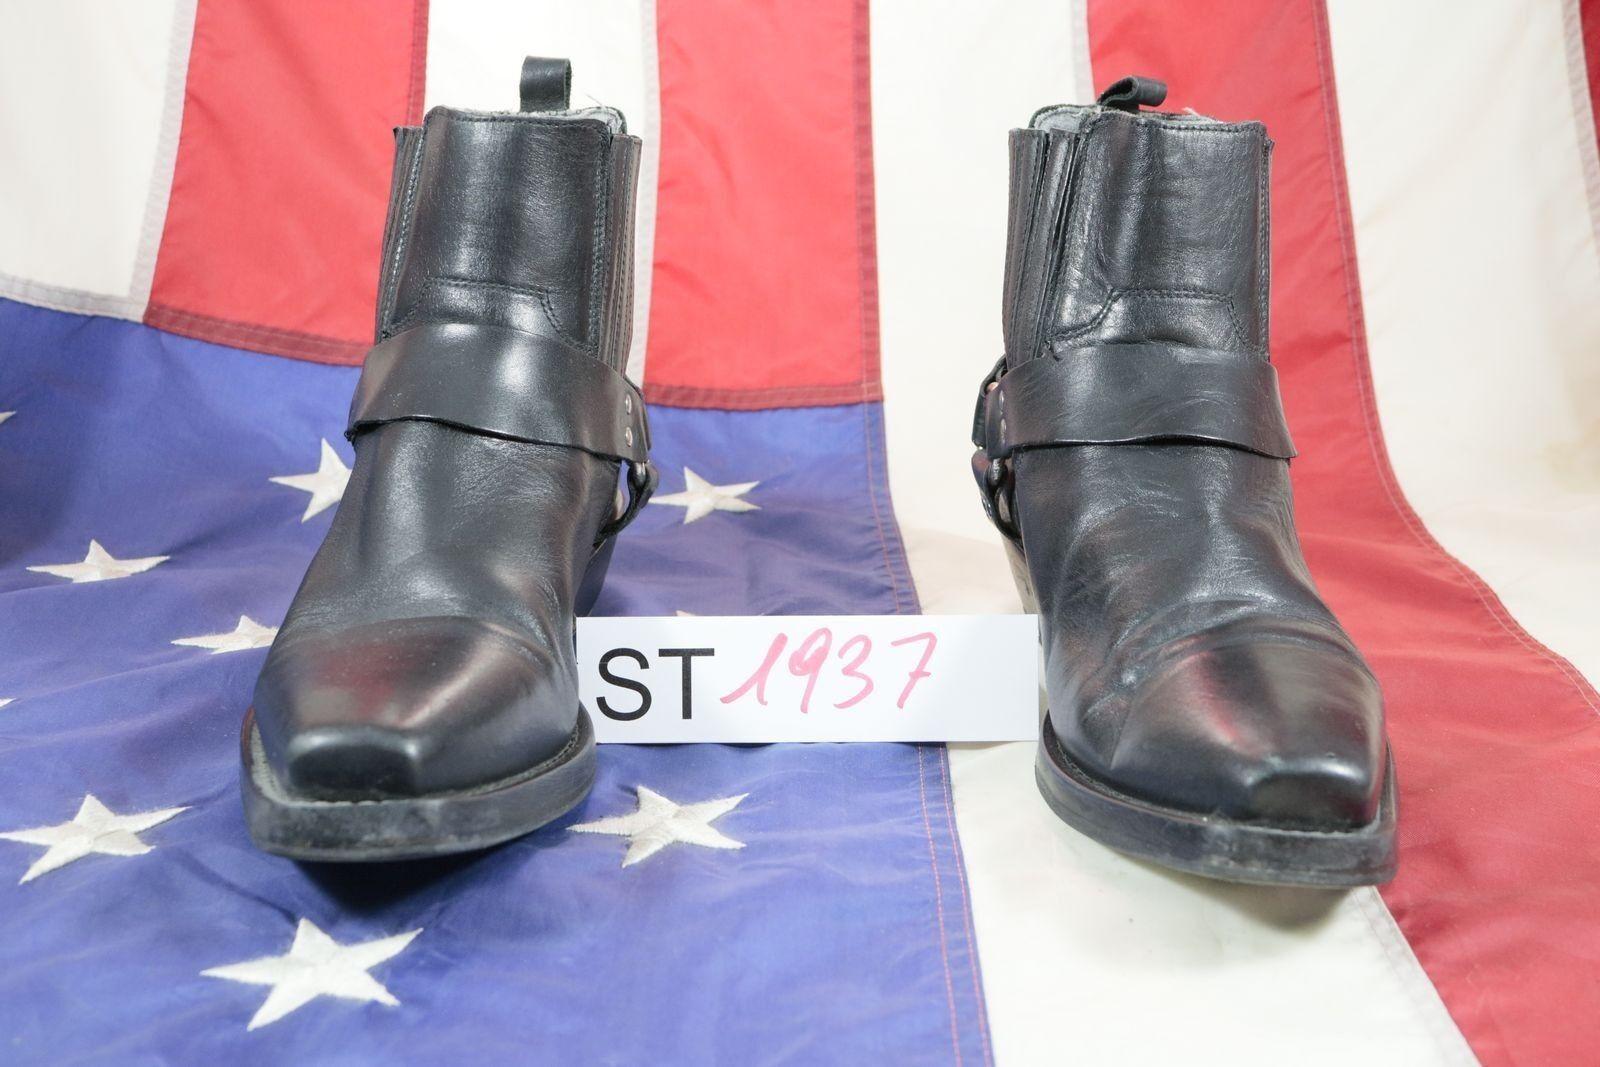 botas (COD. St1937) usado N Para Hombre De Cuero Negro Vaquero País Bikers el